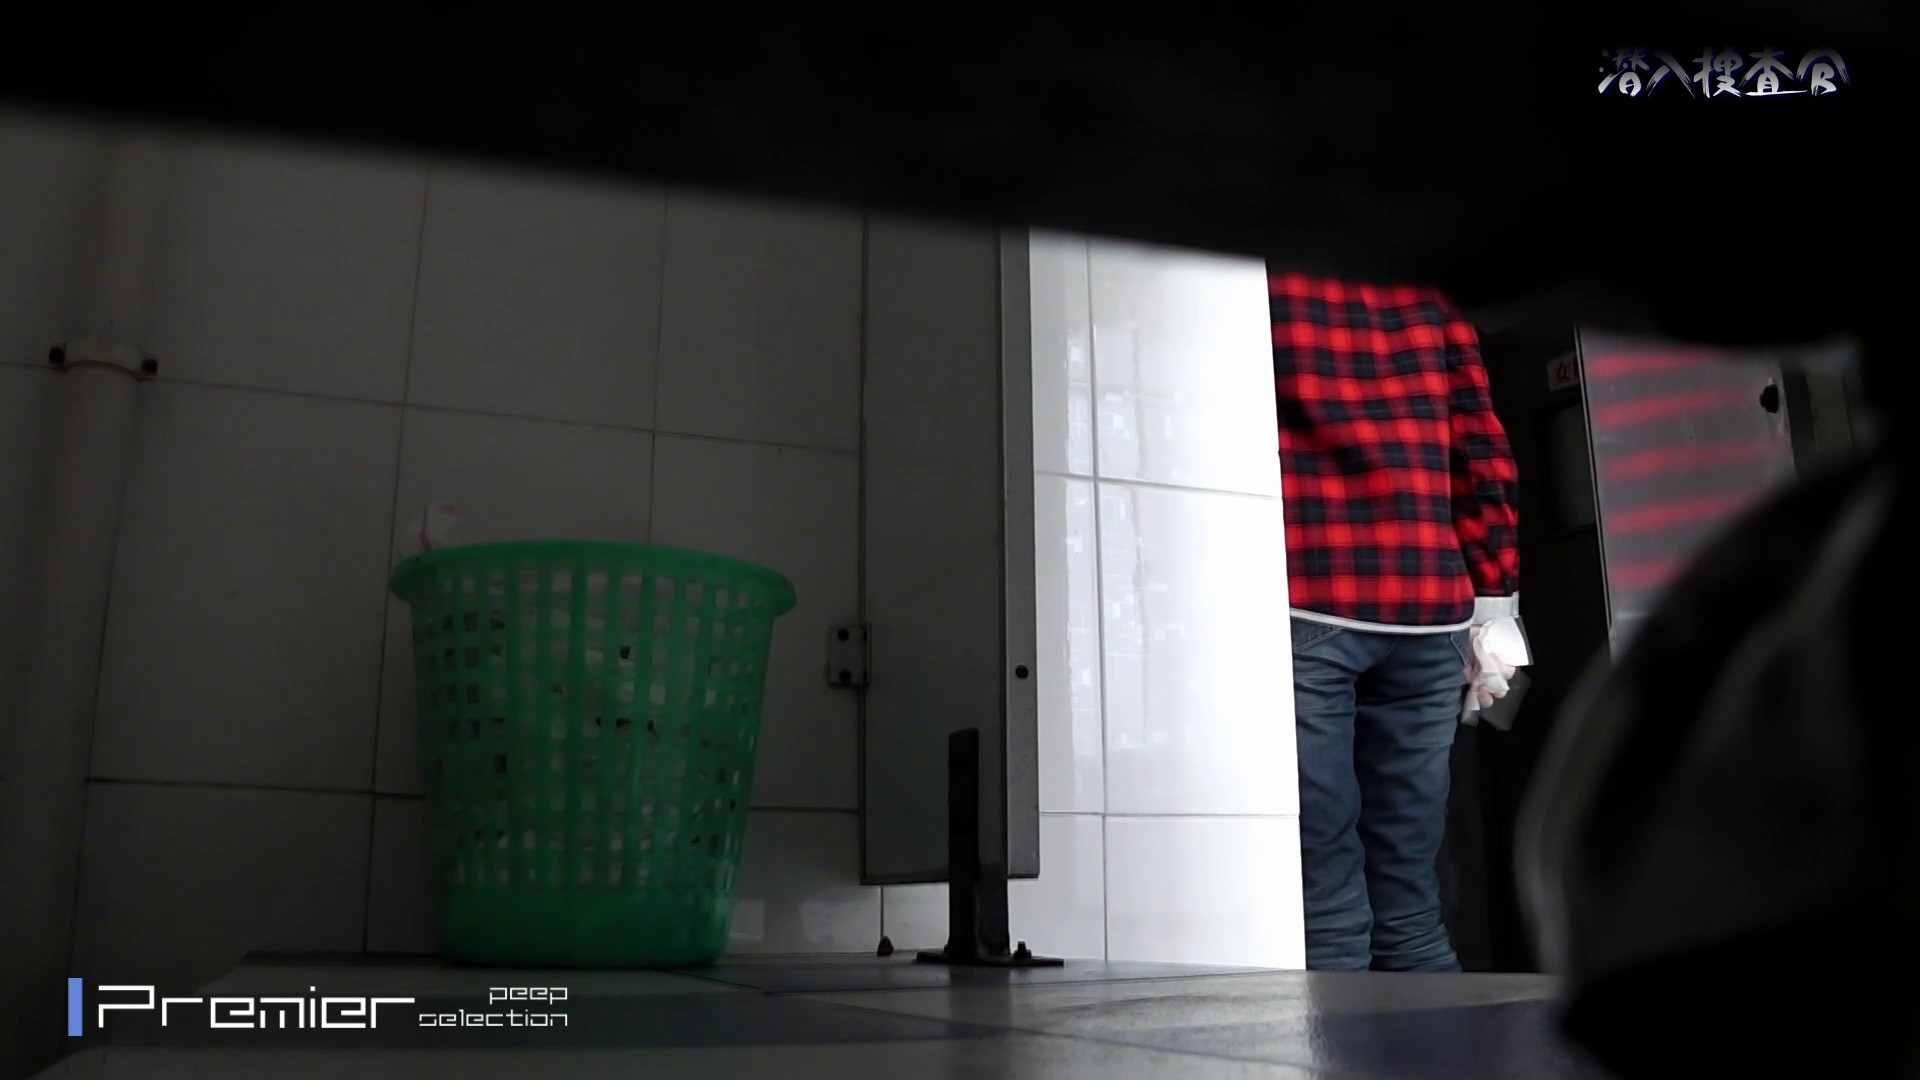 下からノゾム vol.036 トイレの実態 オマンコ無修正動画無料 95PIX 40